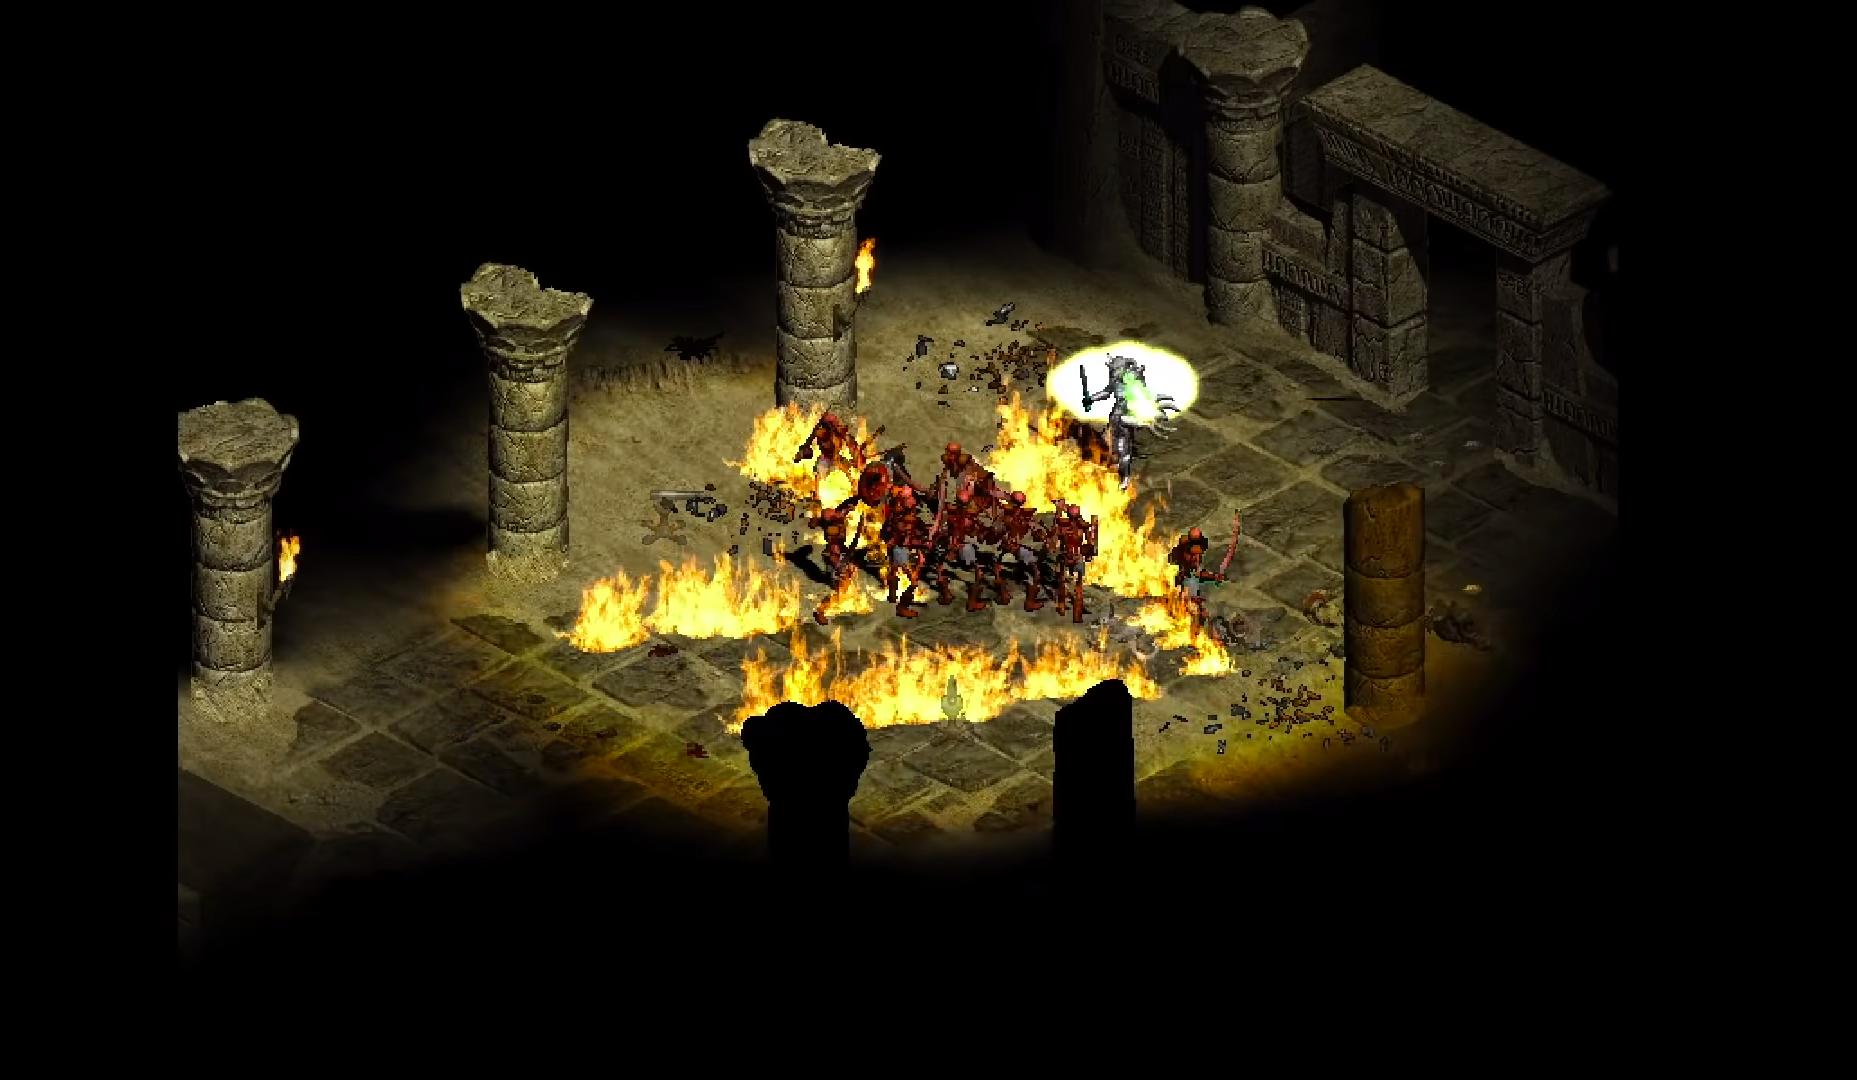 Видеоигра Diablo II: Resurrected вышла врелиз. Ноесть проблема